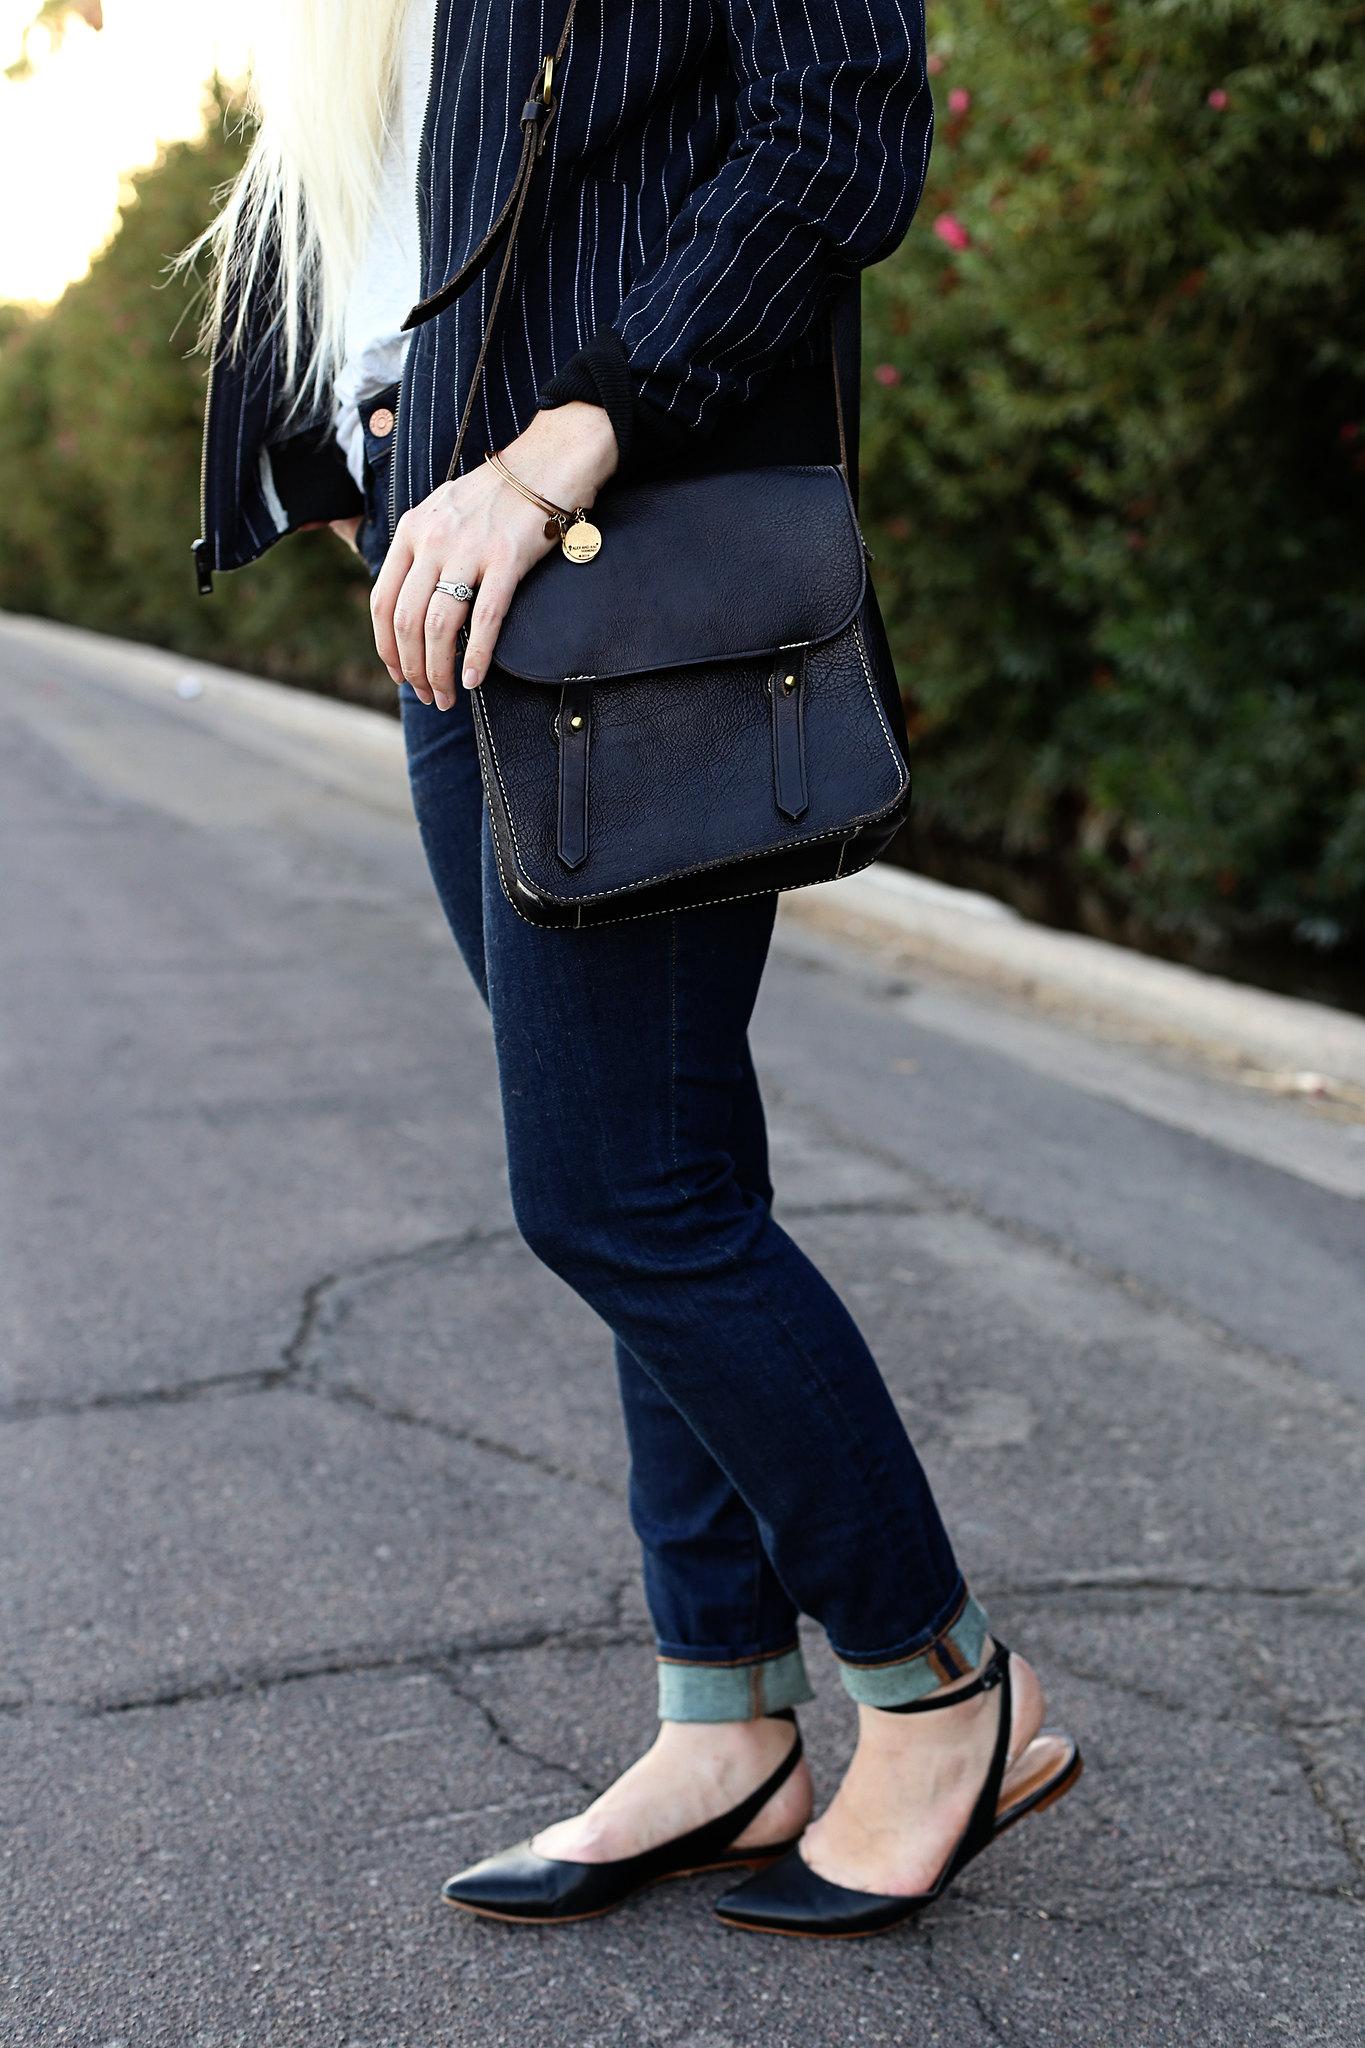 6aac2d387c97 ... favorite pair of skinny jeans